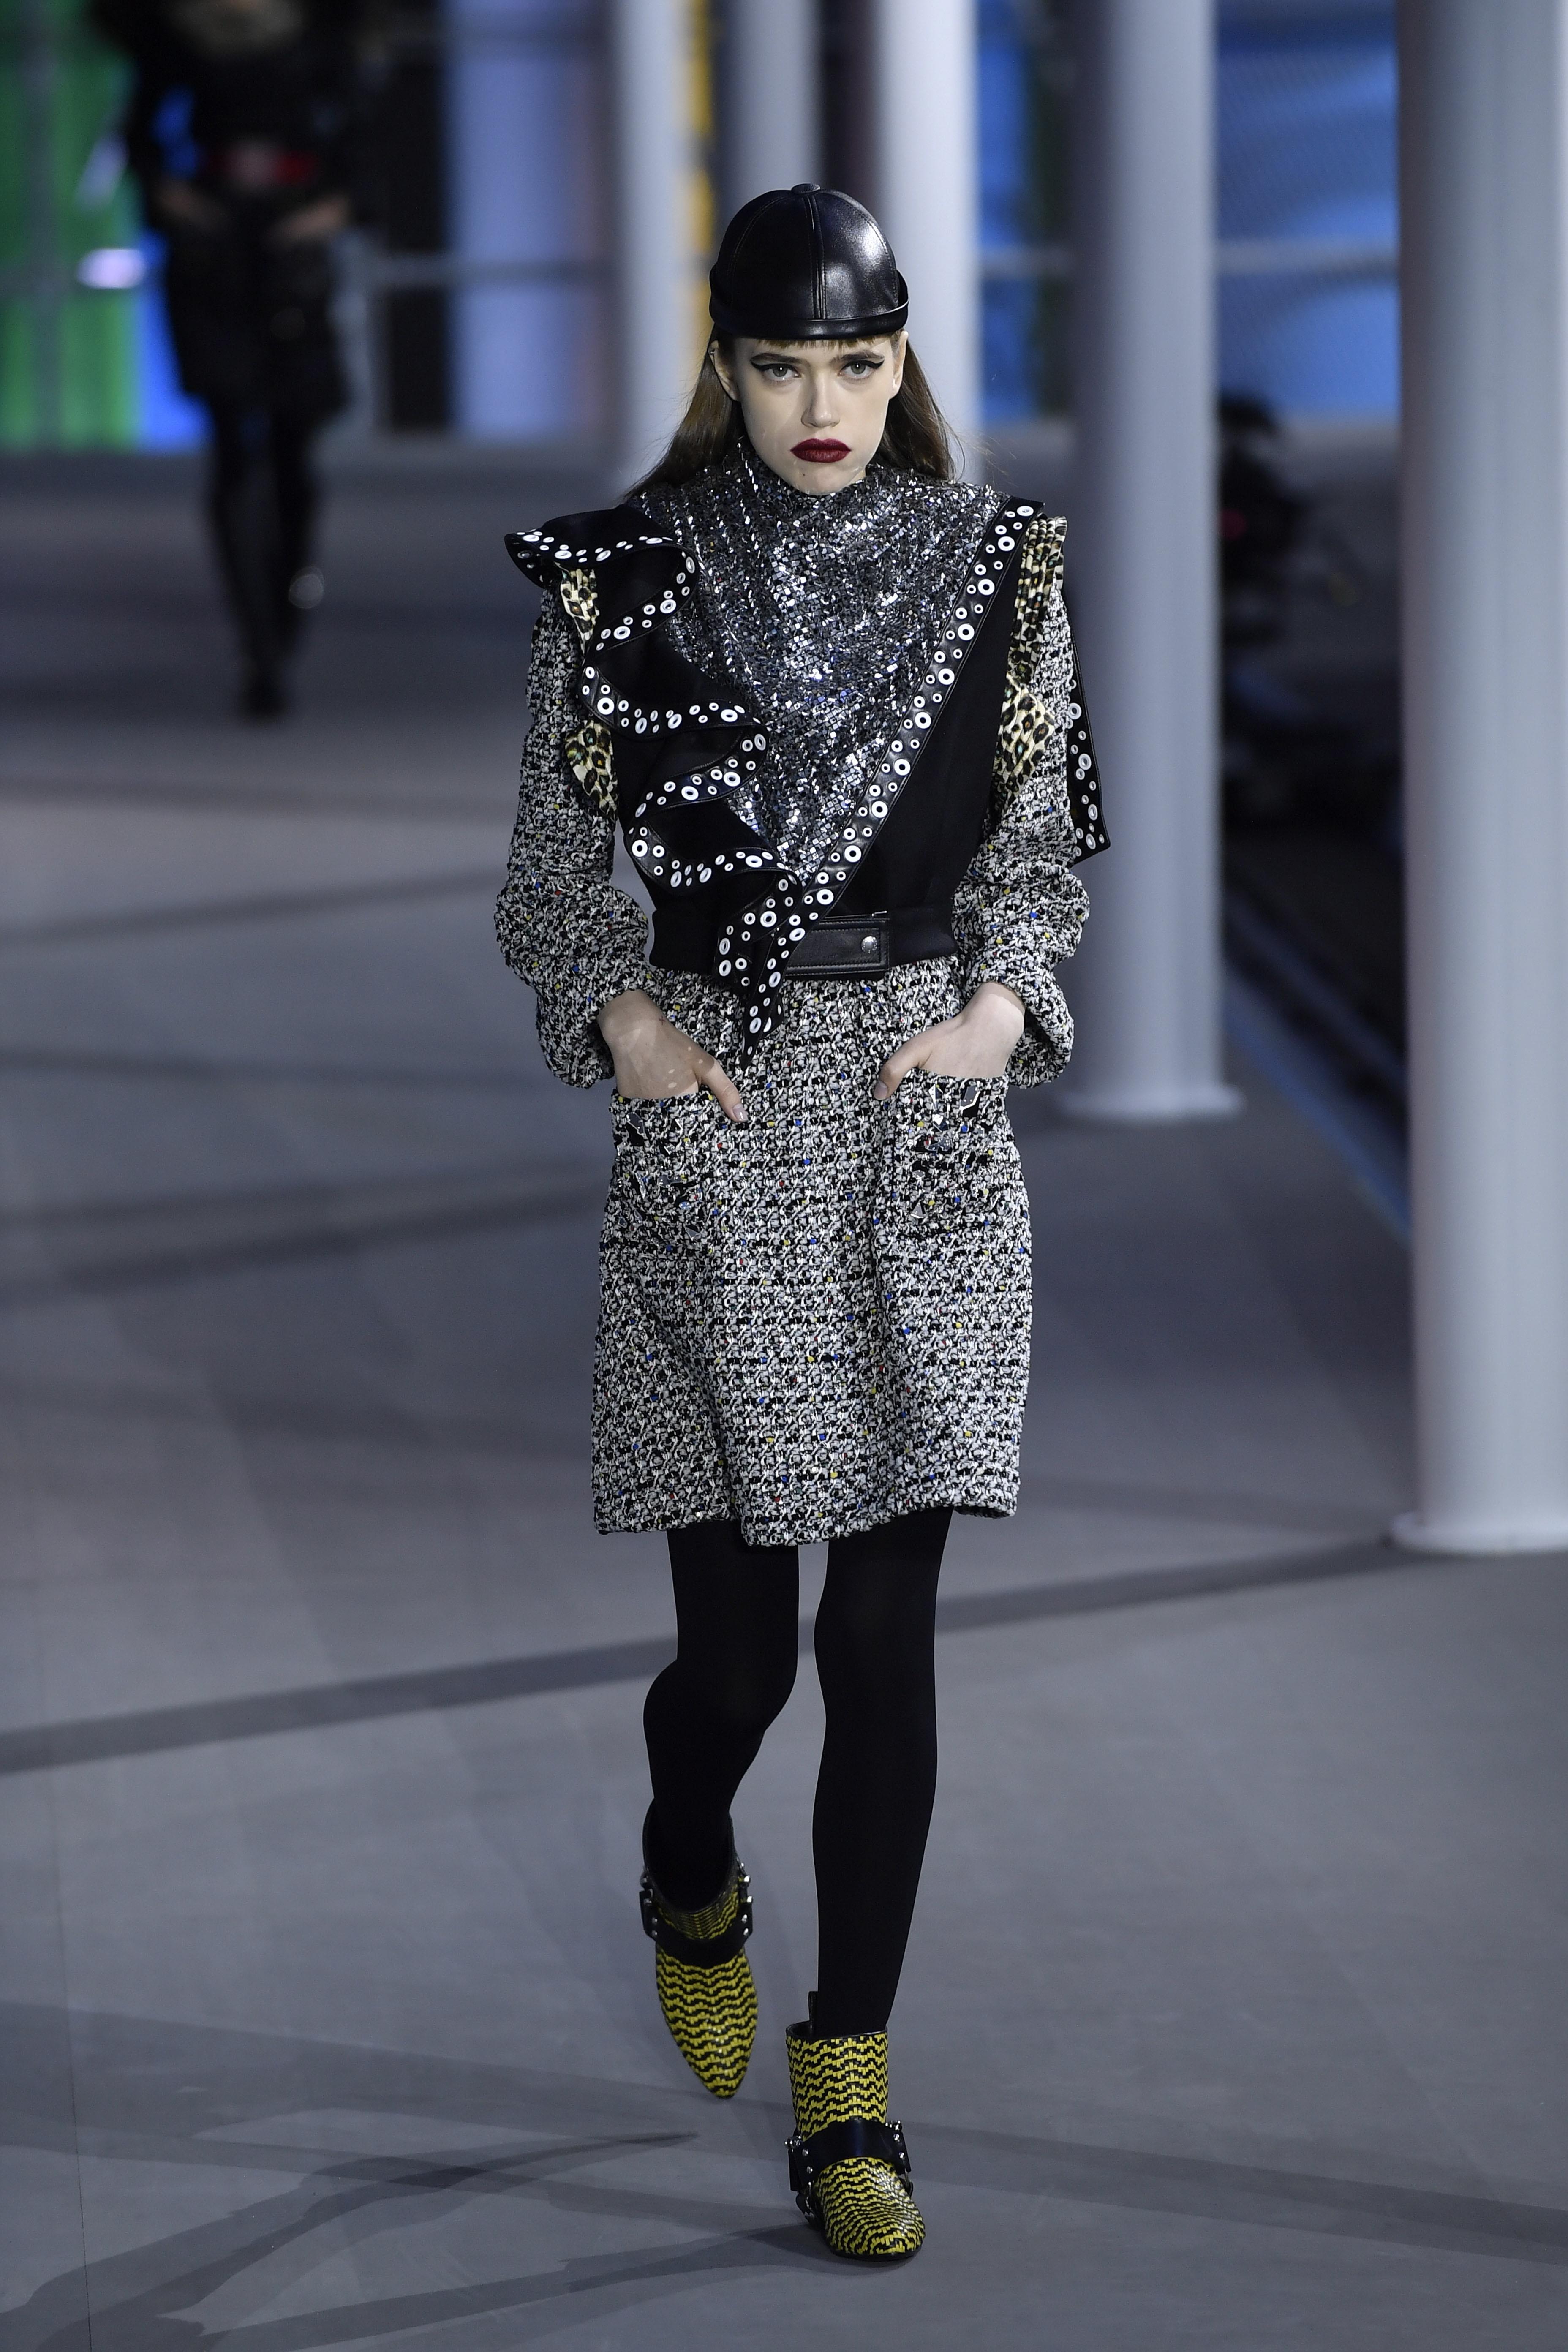 Louis Vuitton AW 19